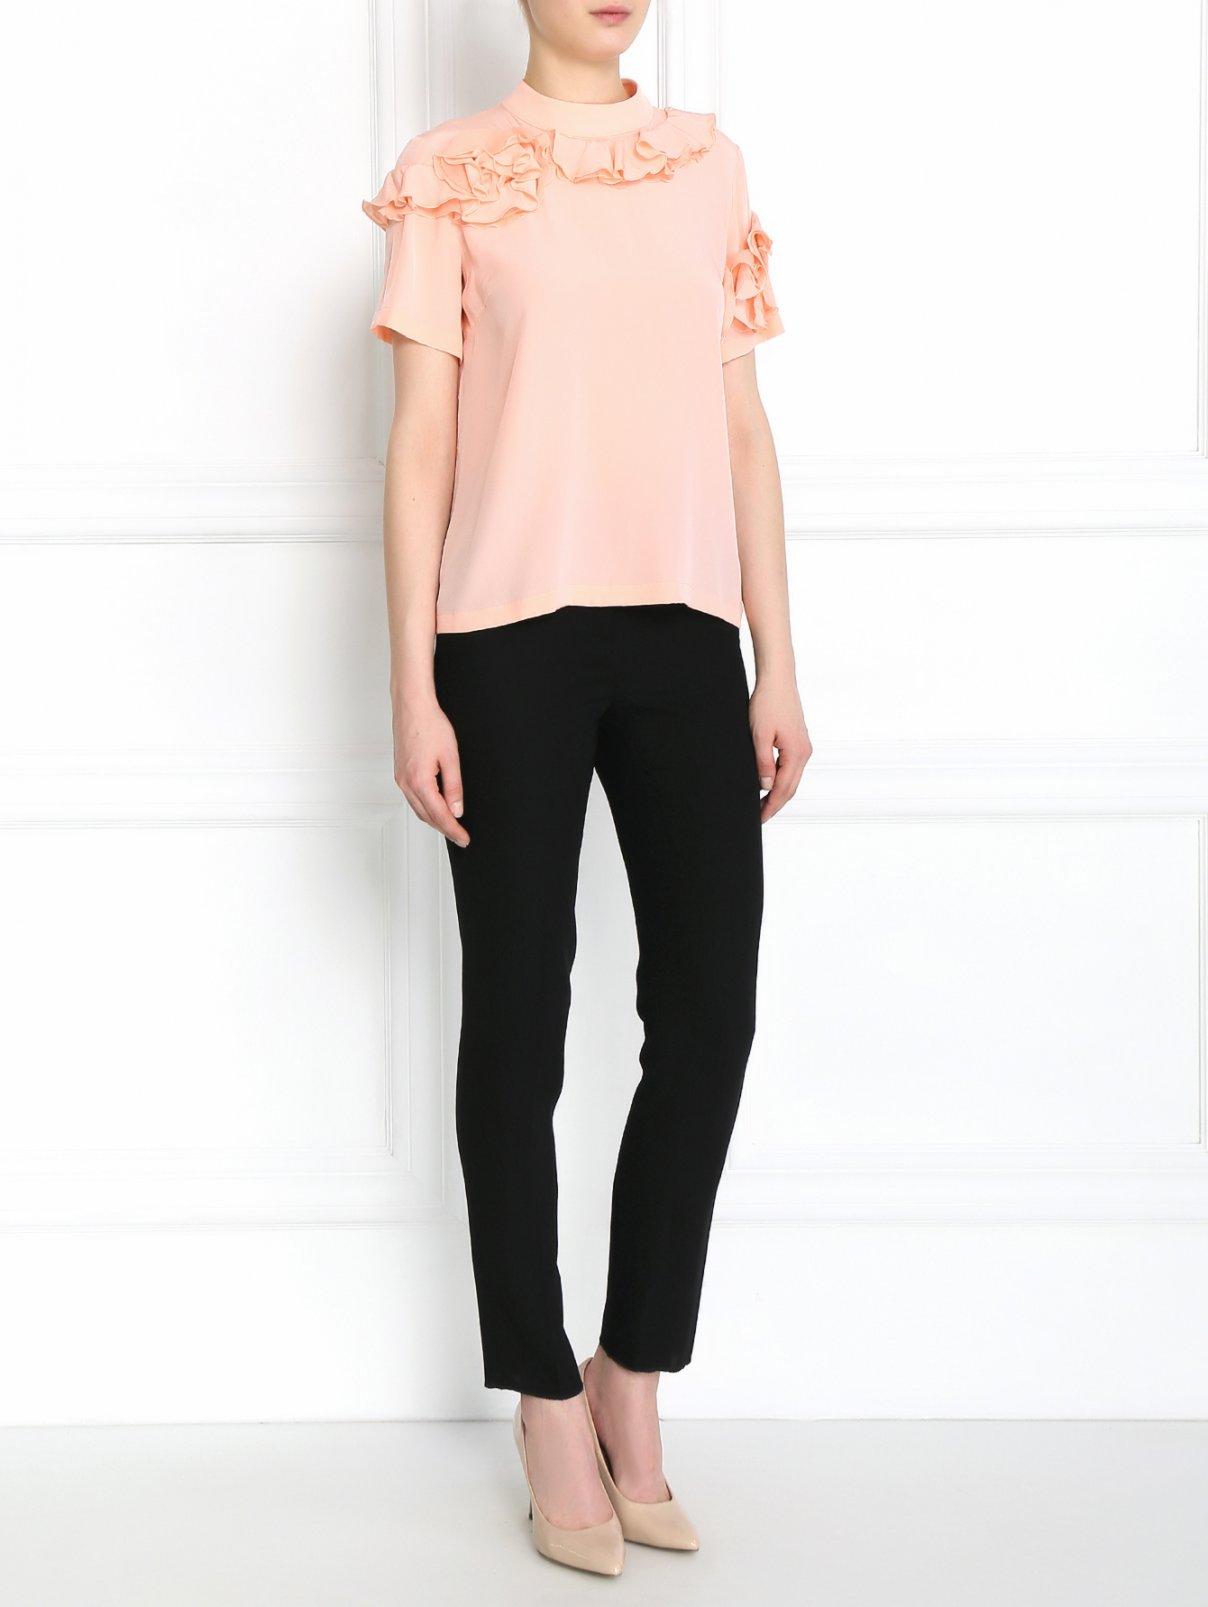 Блуза из шелка с декором Rossella Jardini  –  Модель Общий вид  – Цвет:  Розовый